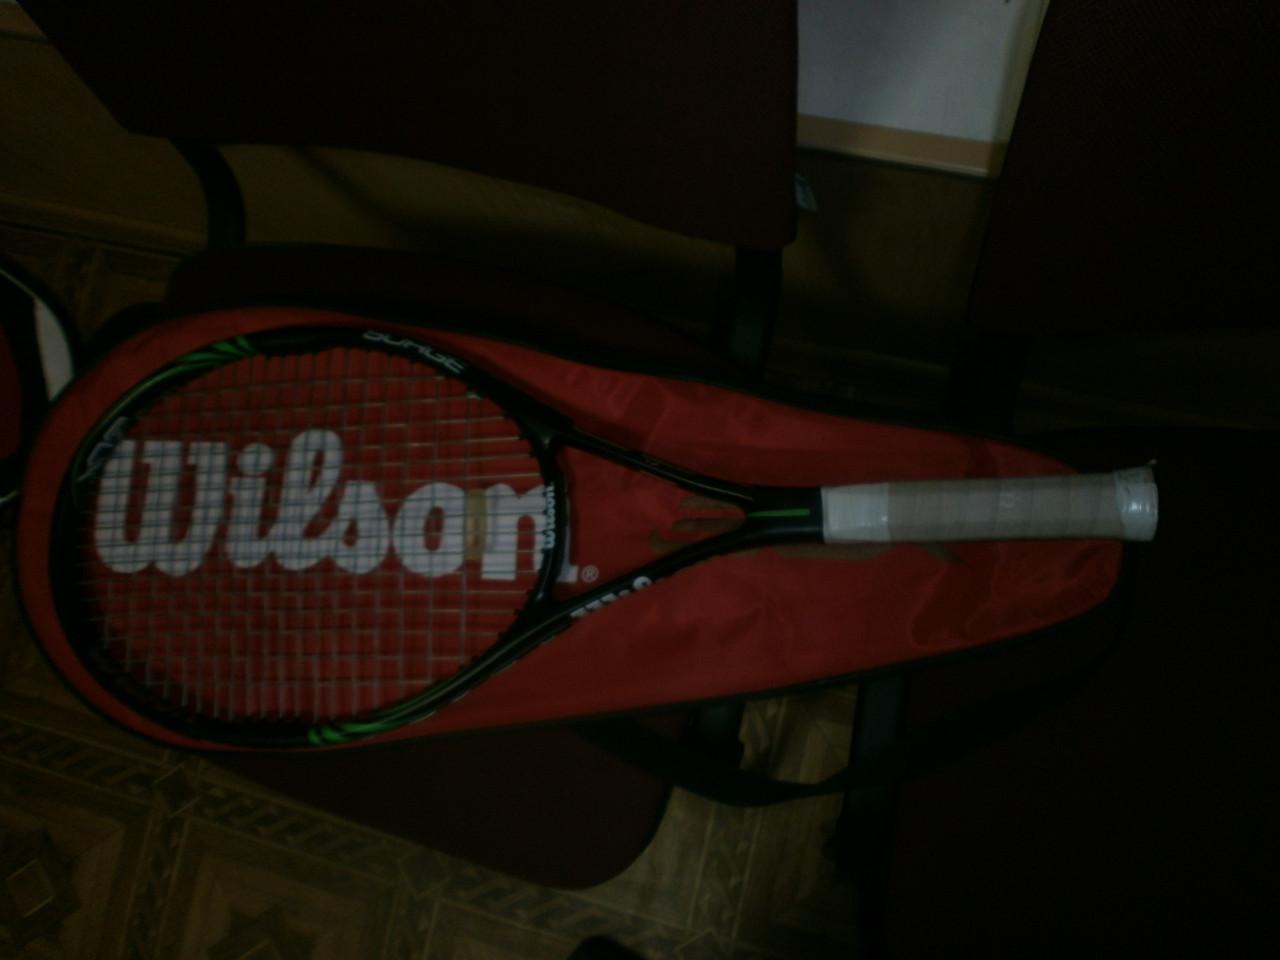 Спортивні товари -  Ігри -  Ракетка для великого тенісу -  Wilson -  2 88750a22ace72